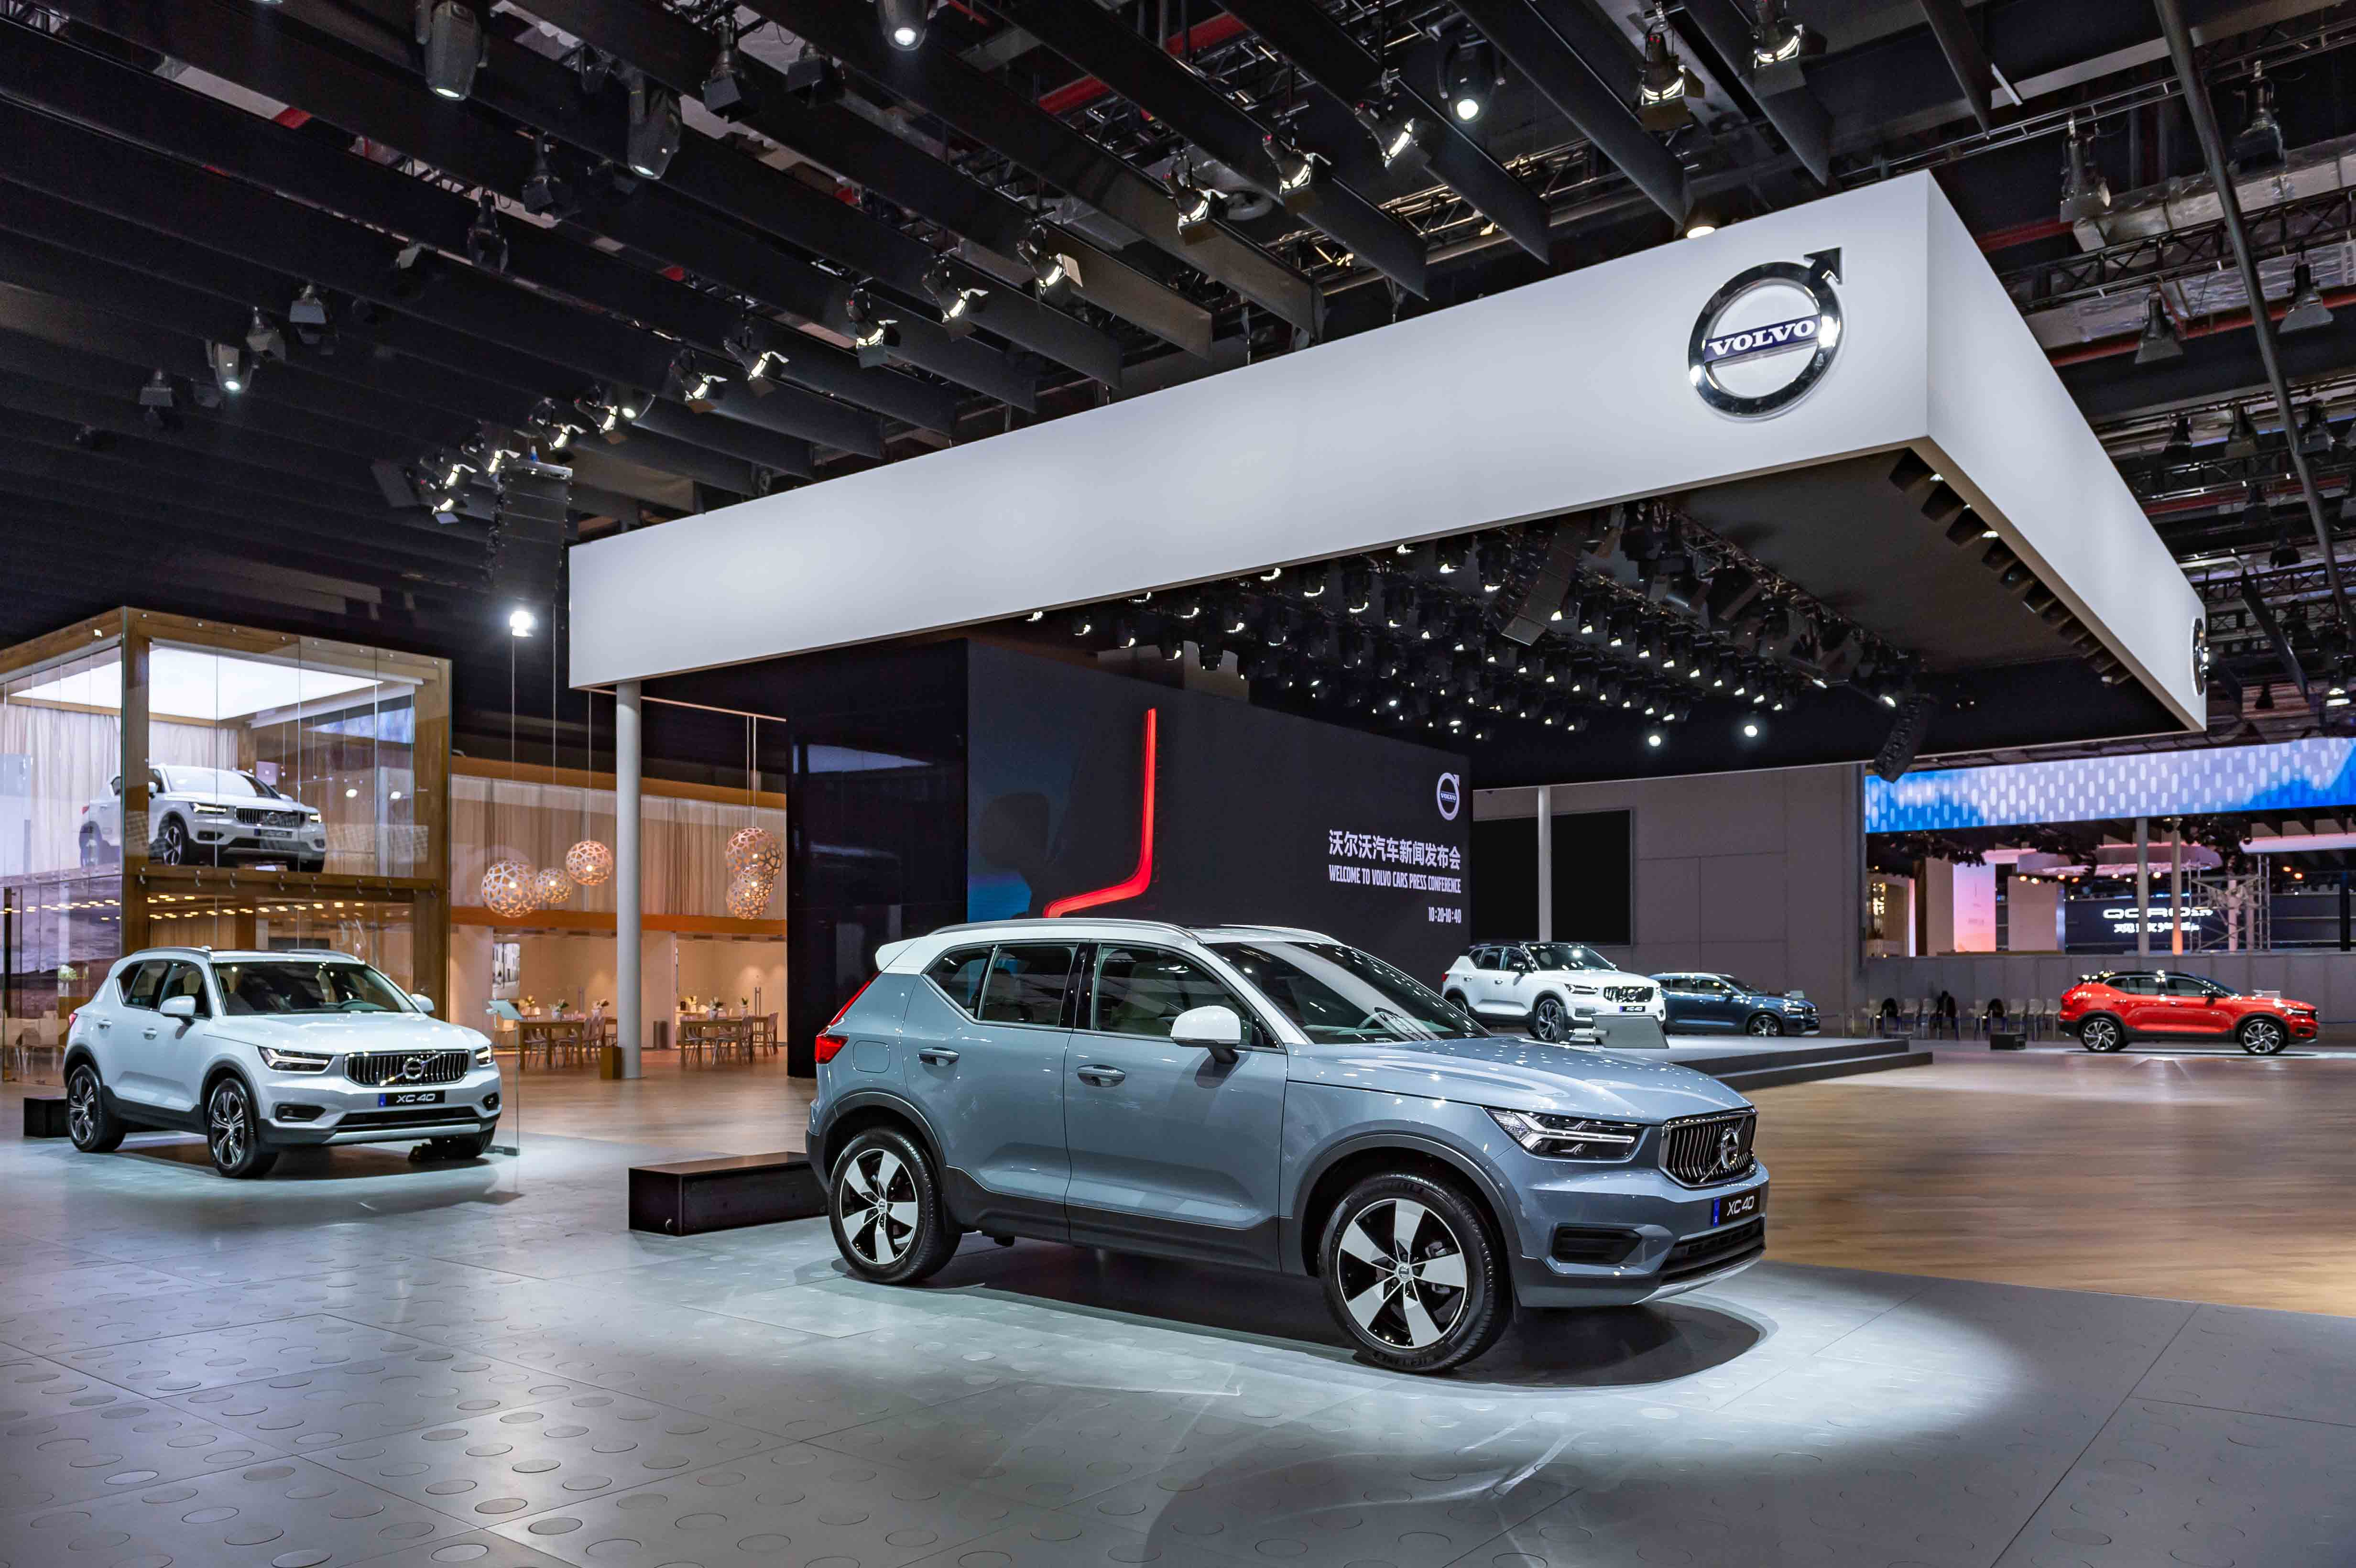 志玲傾情助陣 點燃靈感新生活 都市豪華純正SUV沃爾沃汽車全新XC40預售開啟